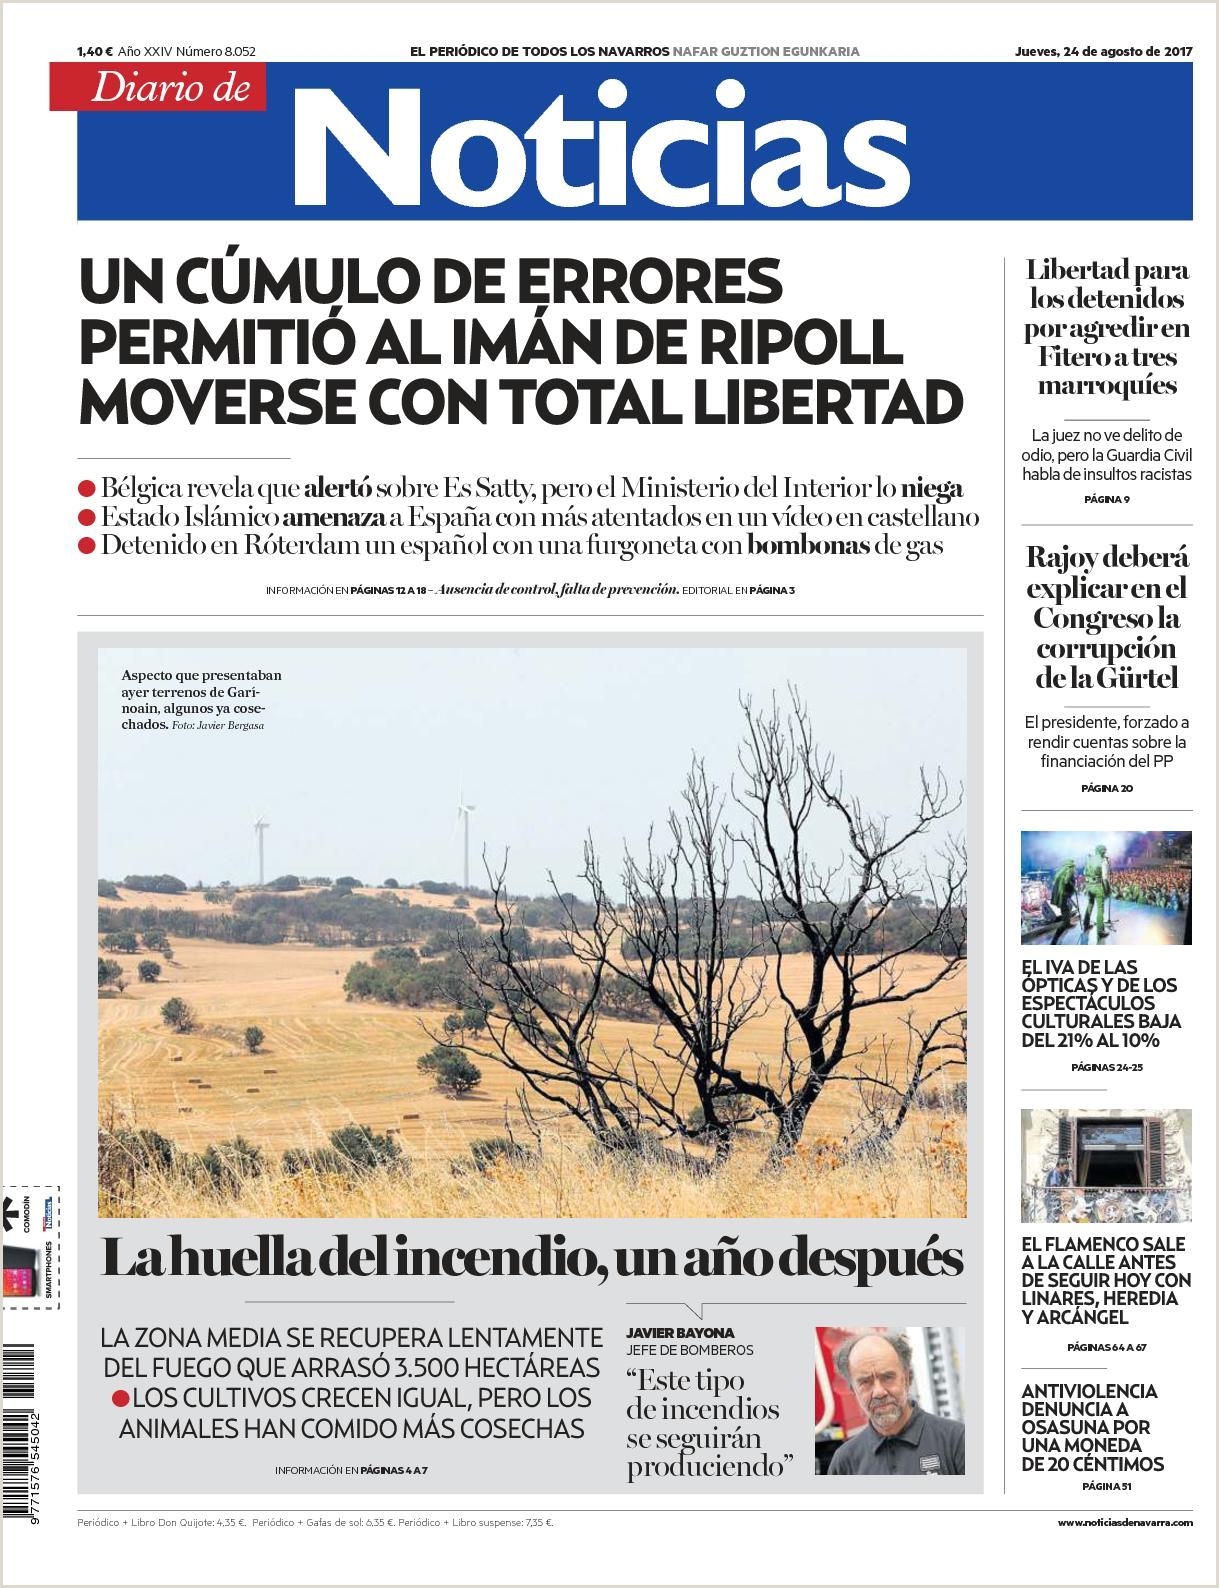 Formato Hoja De Vida Bailarin Calaméo Diario De Noticias